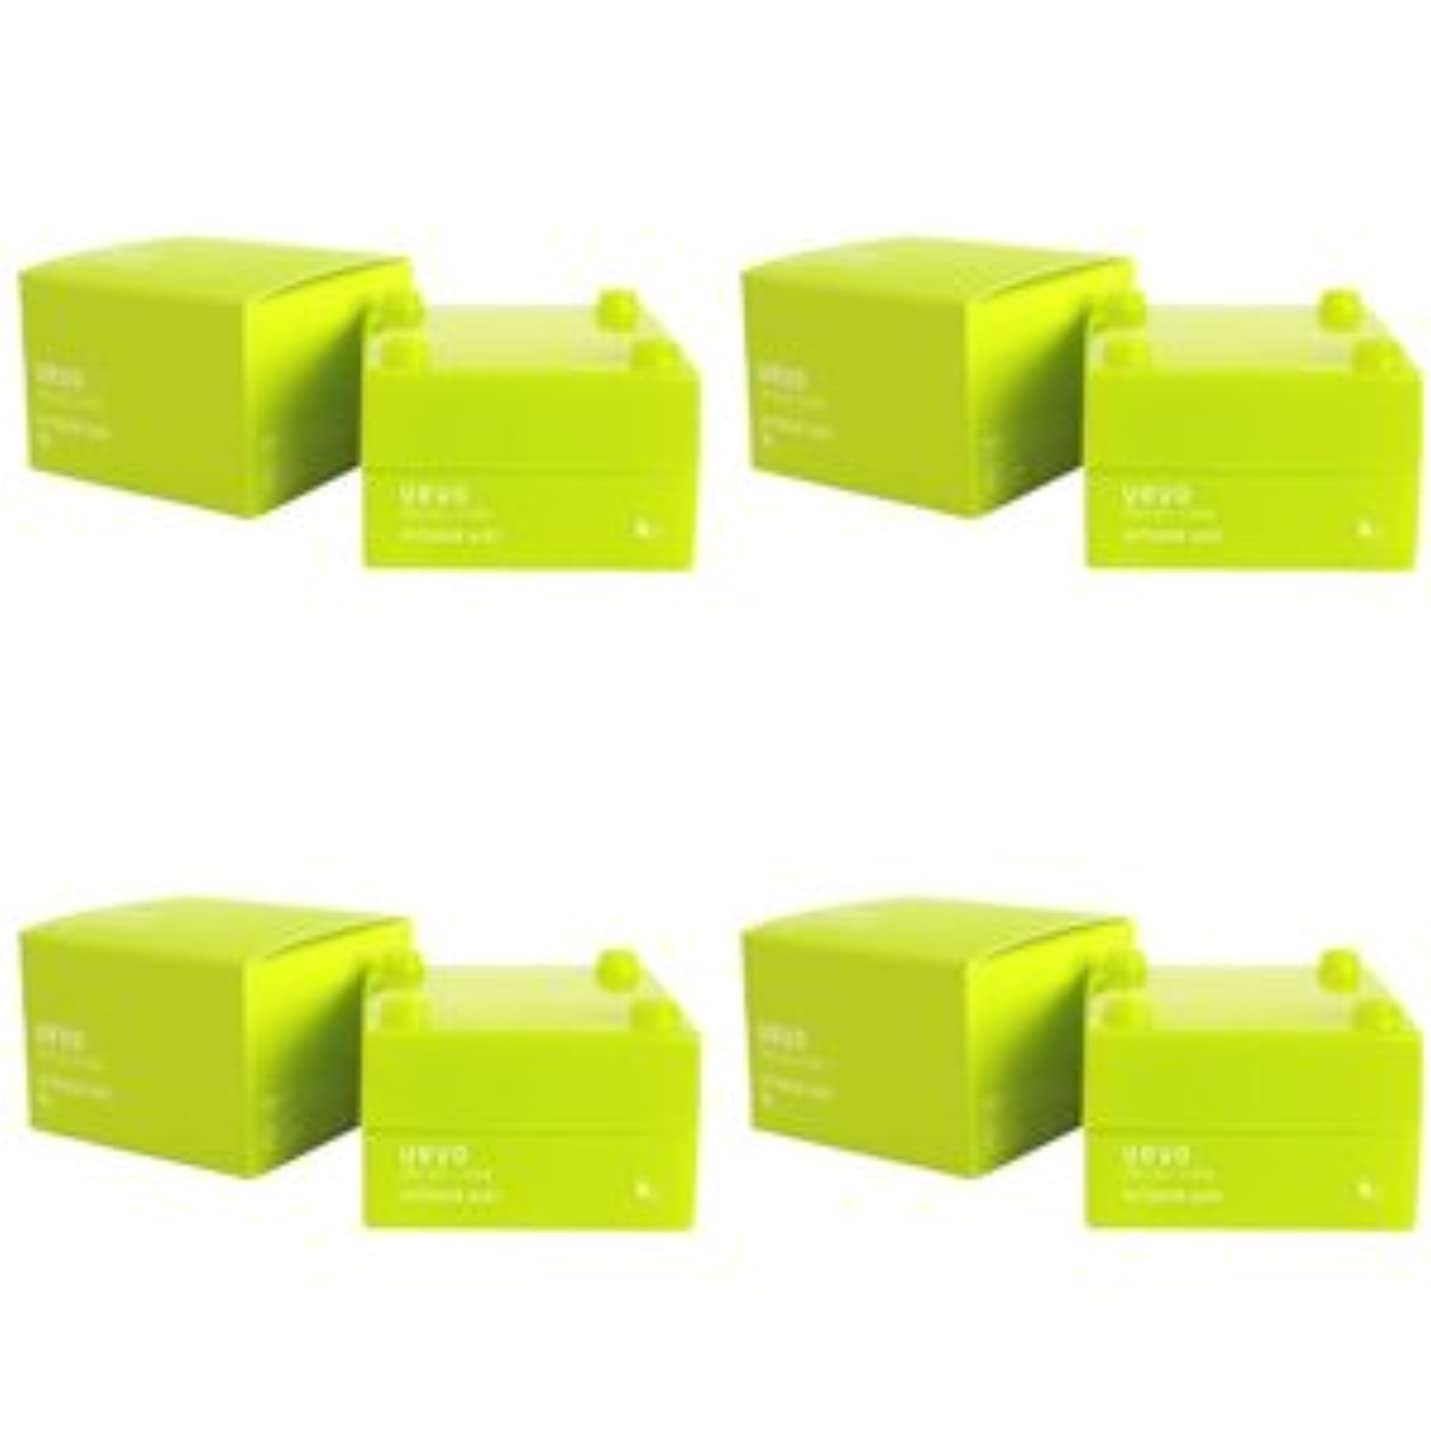 クレアむき出し近似【X4個セット】 デミ ウェーボ デザインキューブ エアルーズワックス 30g airloose wax DEMI uevo design cube